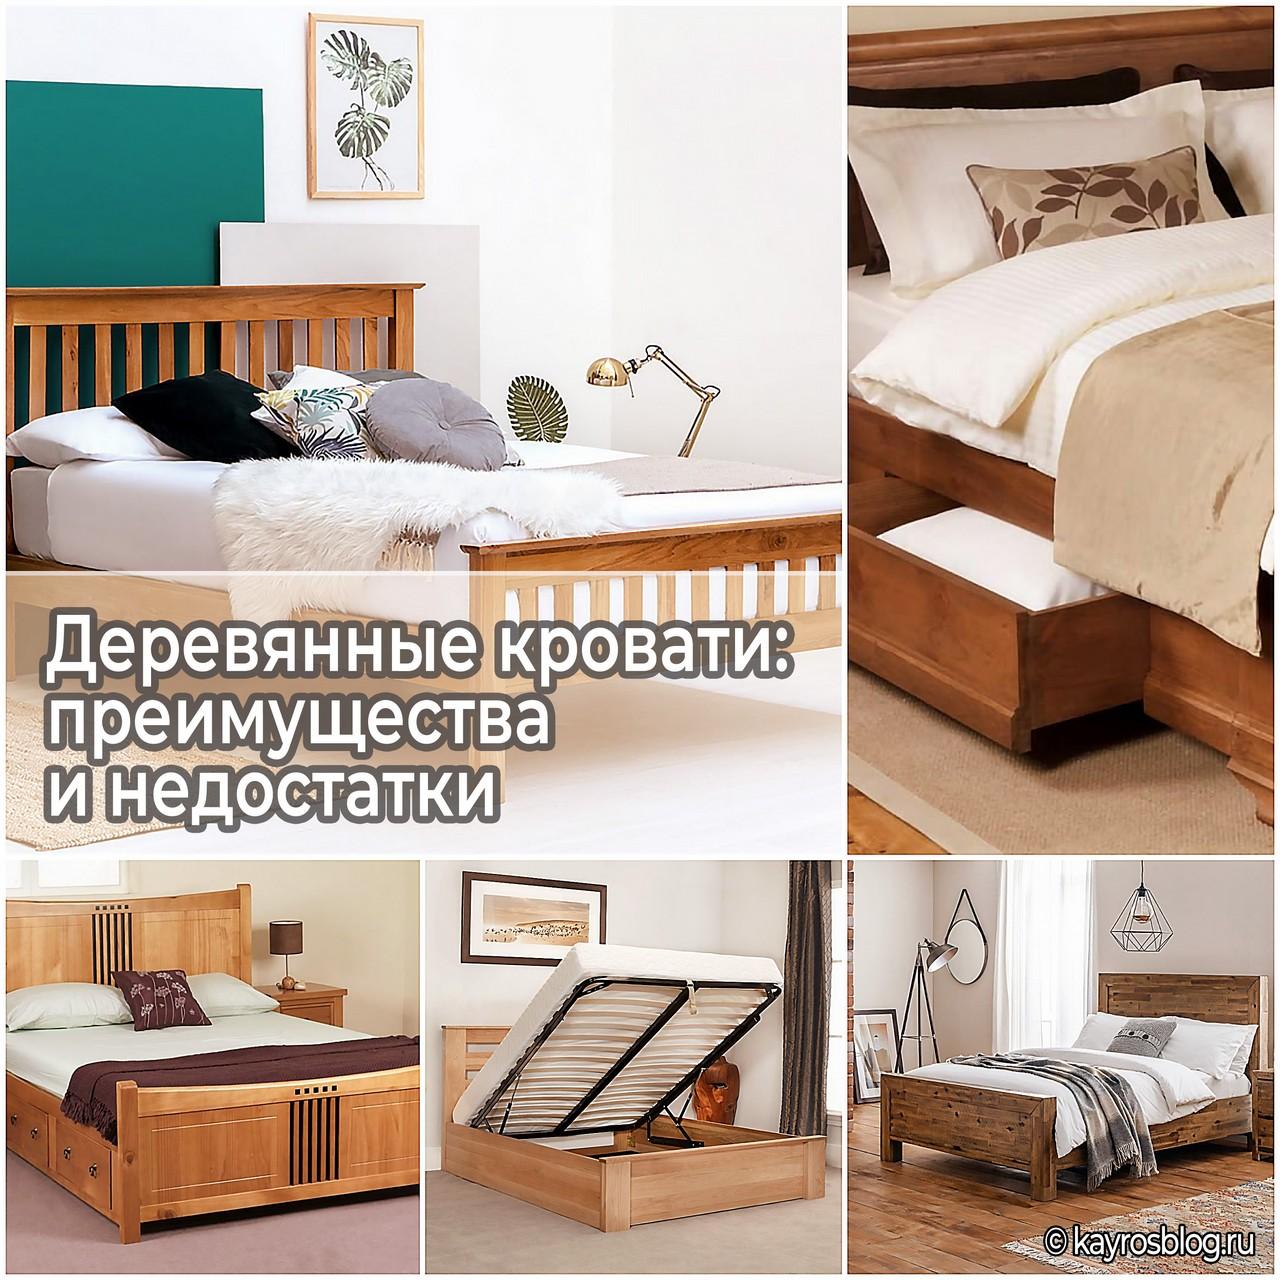 Деревянные кровати: преимущества и недостатки